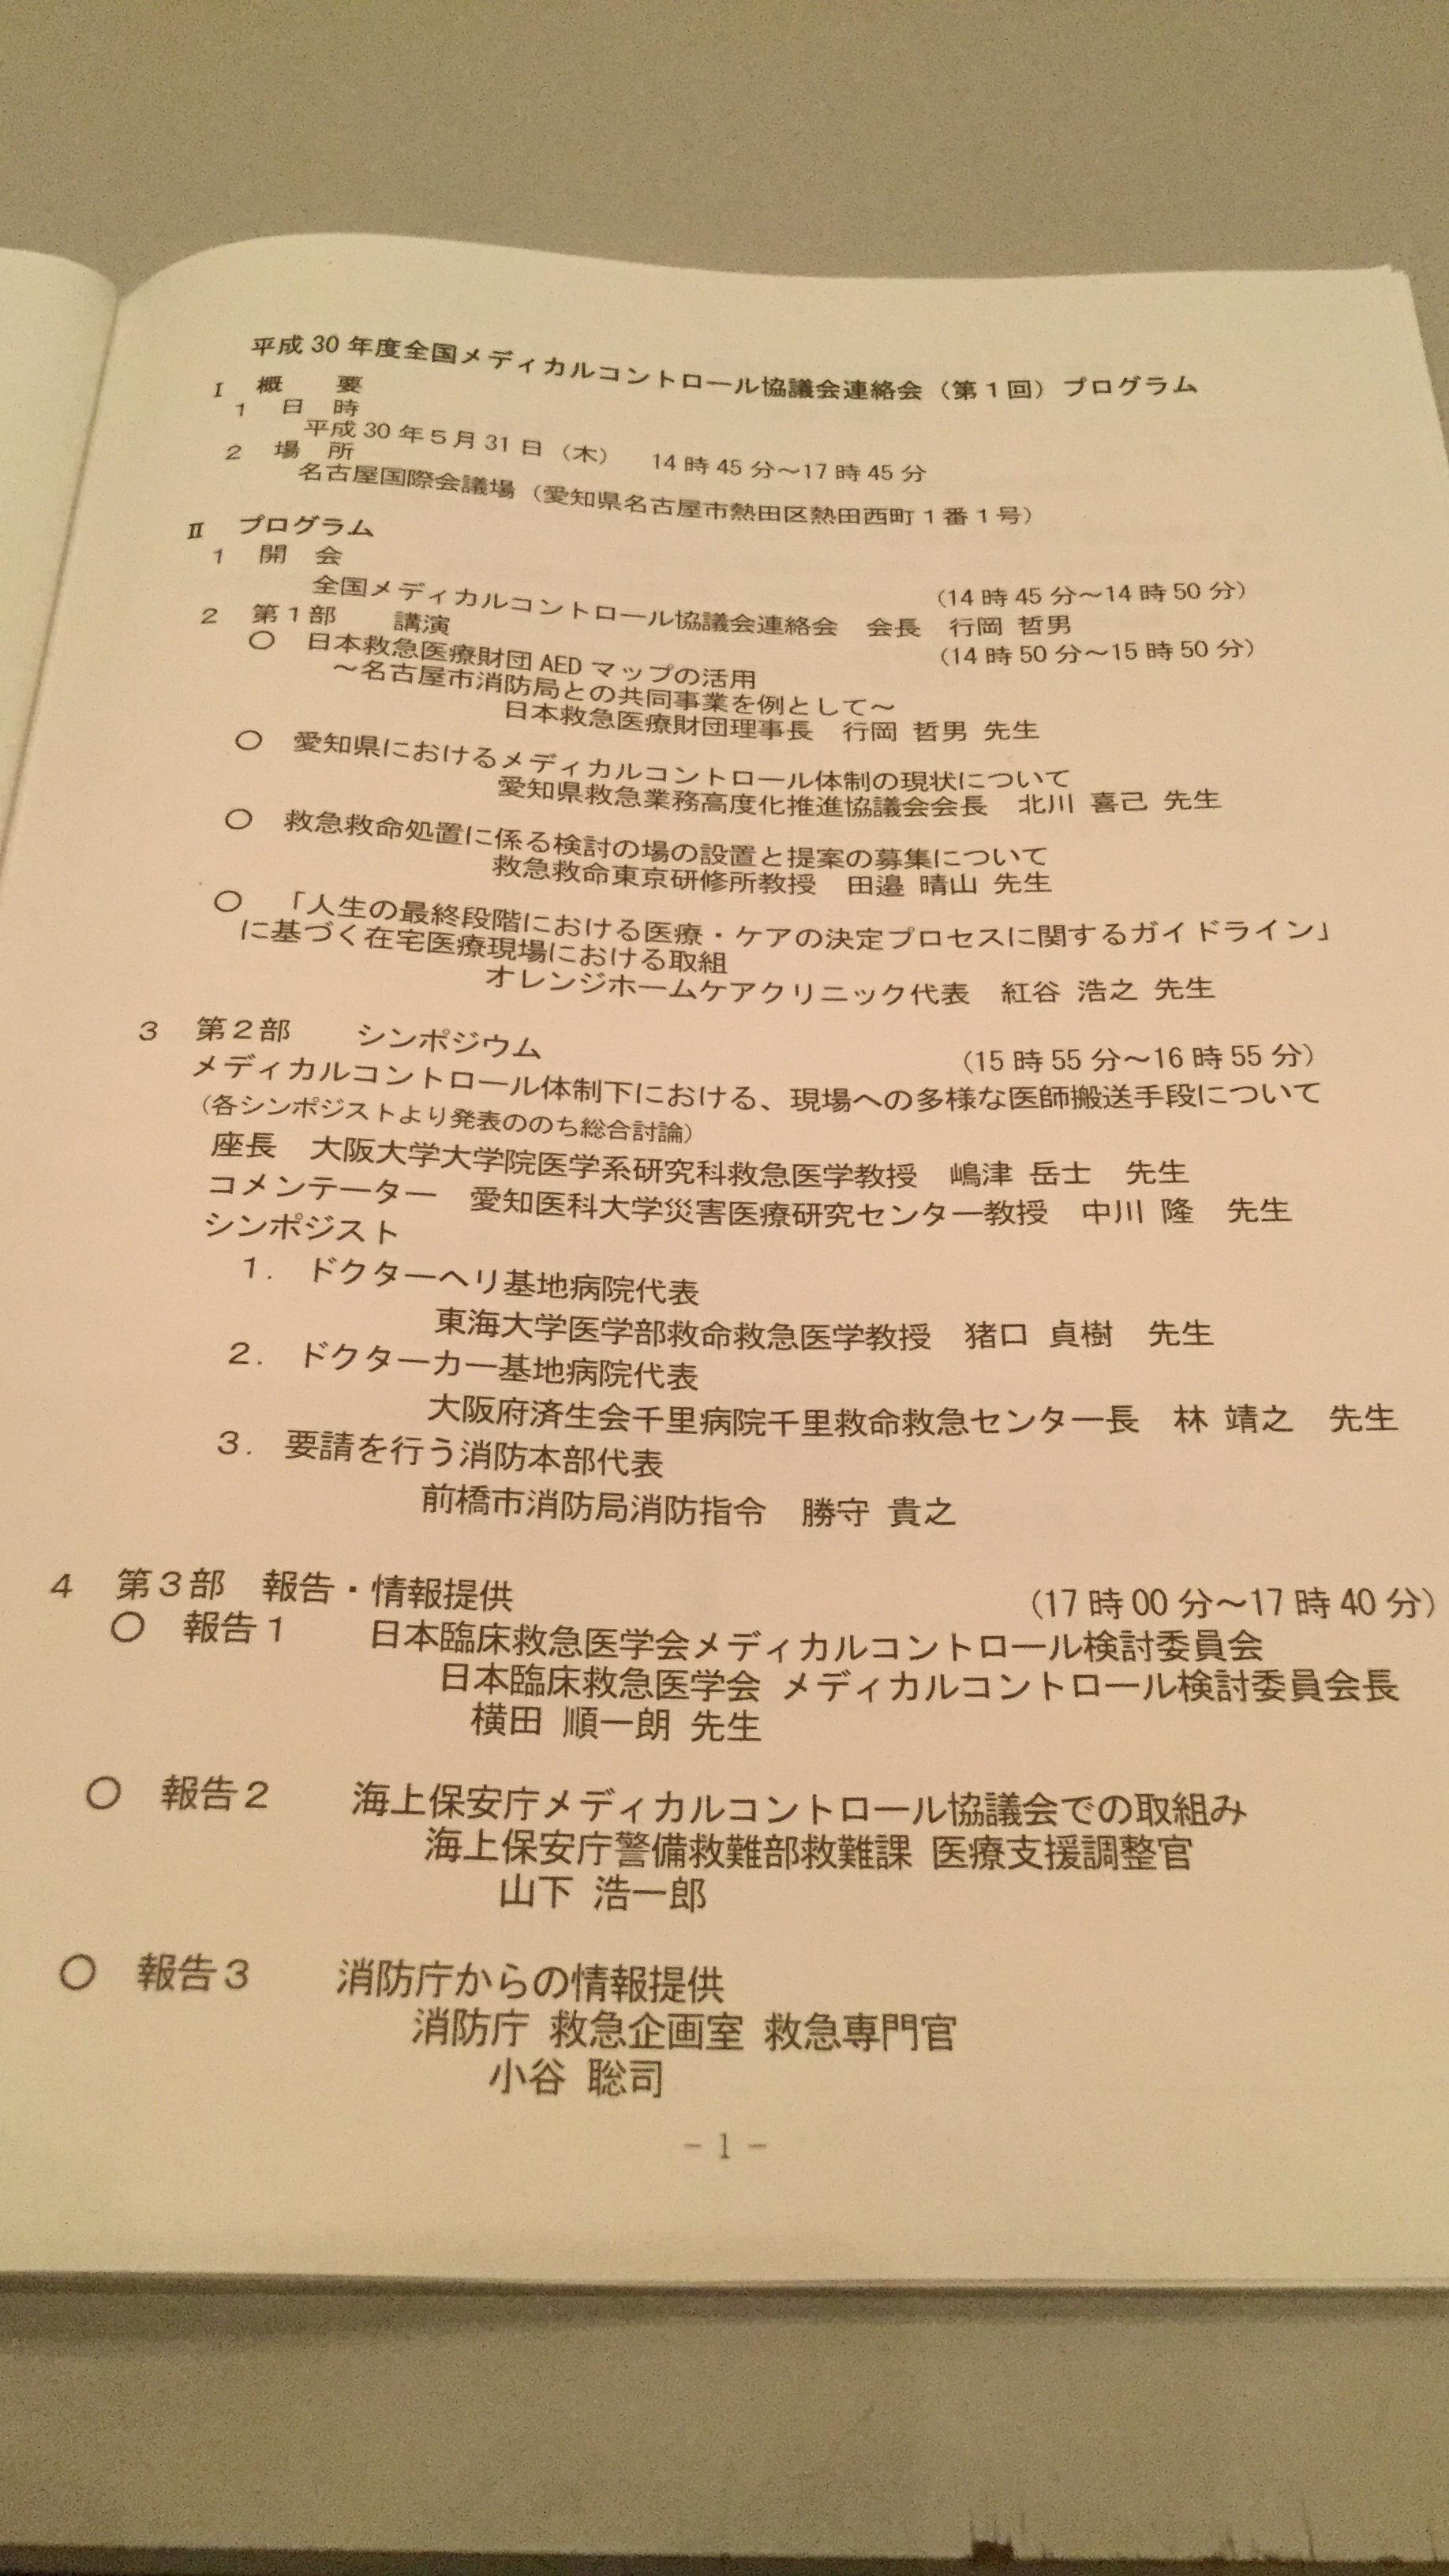 2018全国MC協議会名古屋3